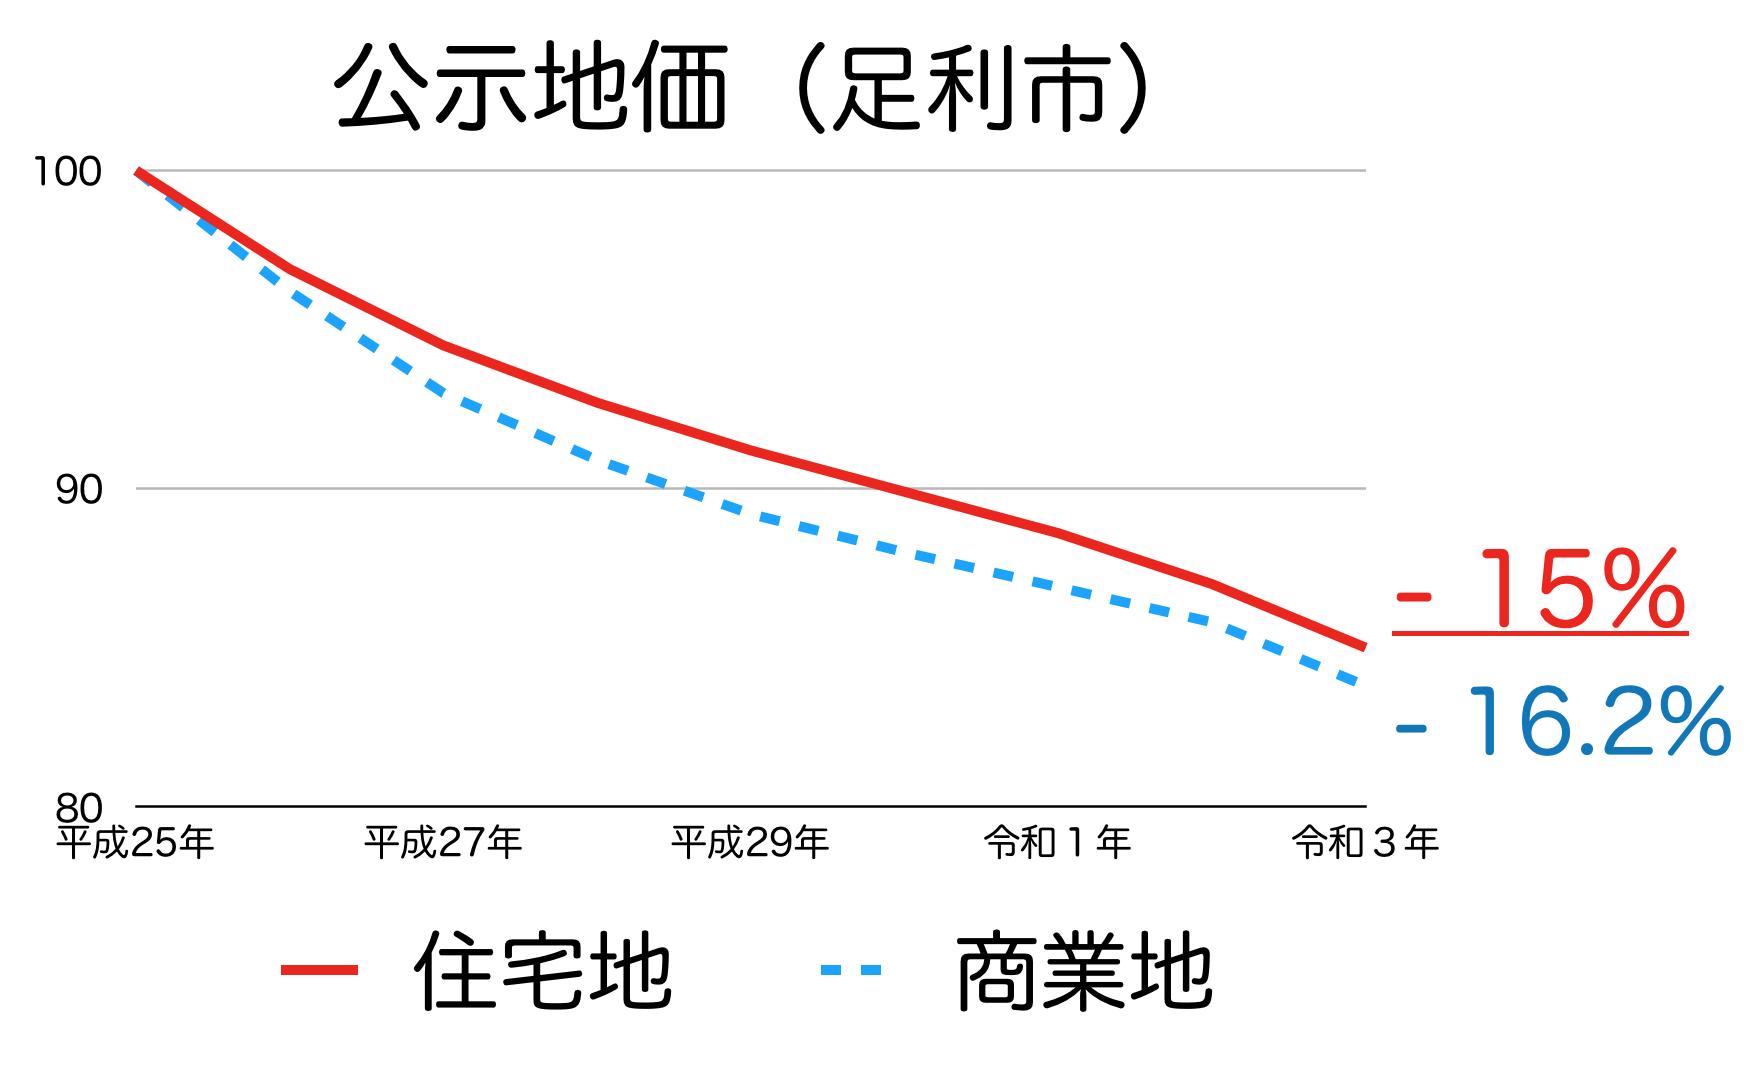 足利市の公示地価の推移